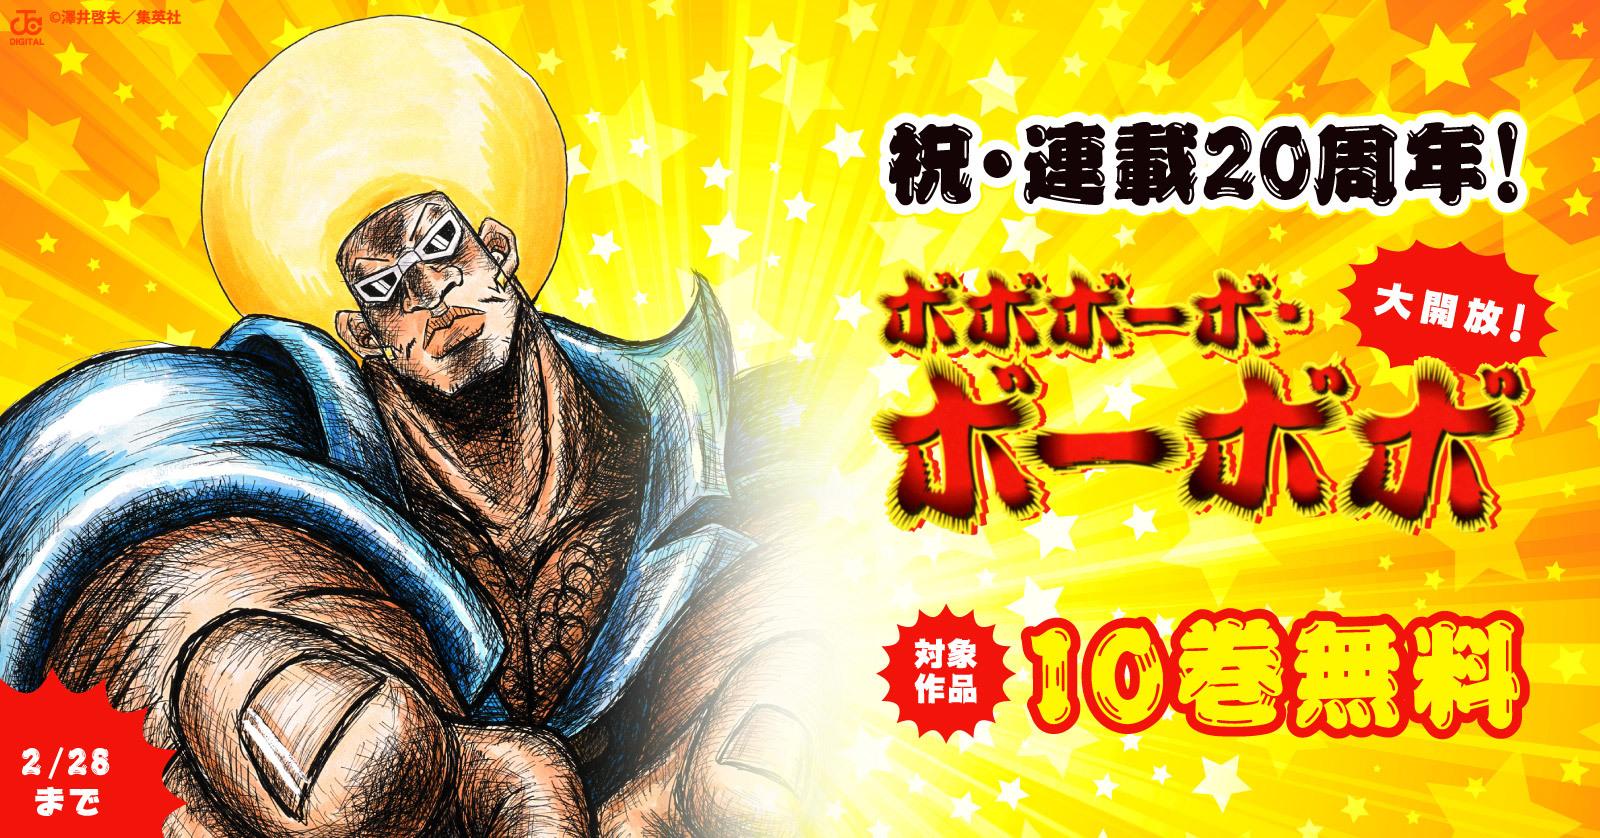 祝・連載20周年!ボボボーボ・ボーボボ 10巻無料大開放!